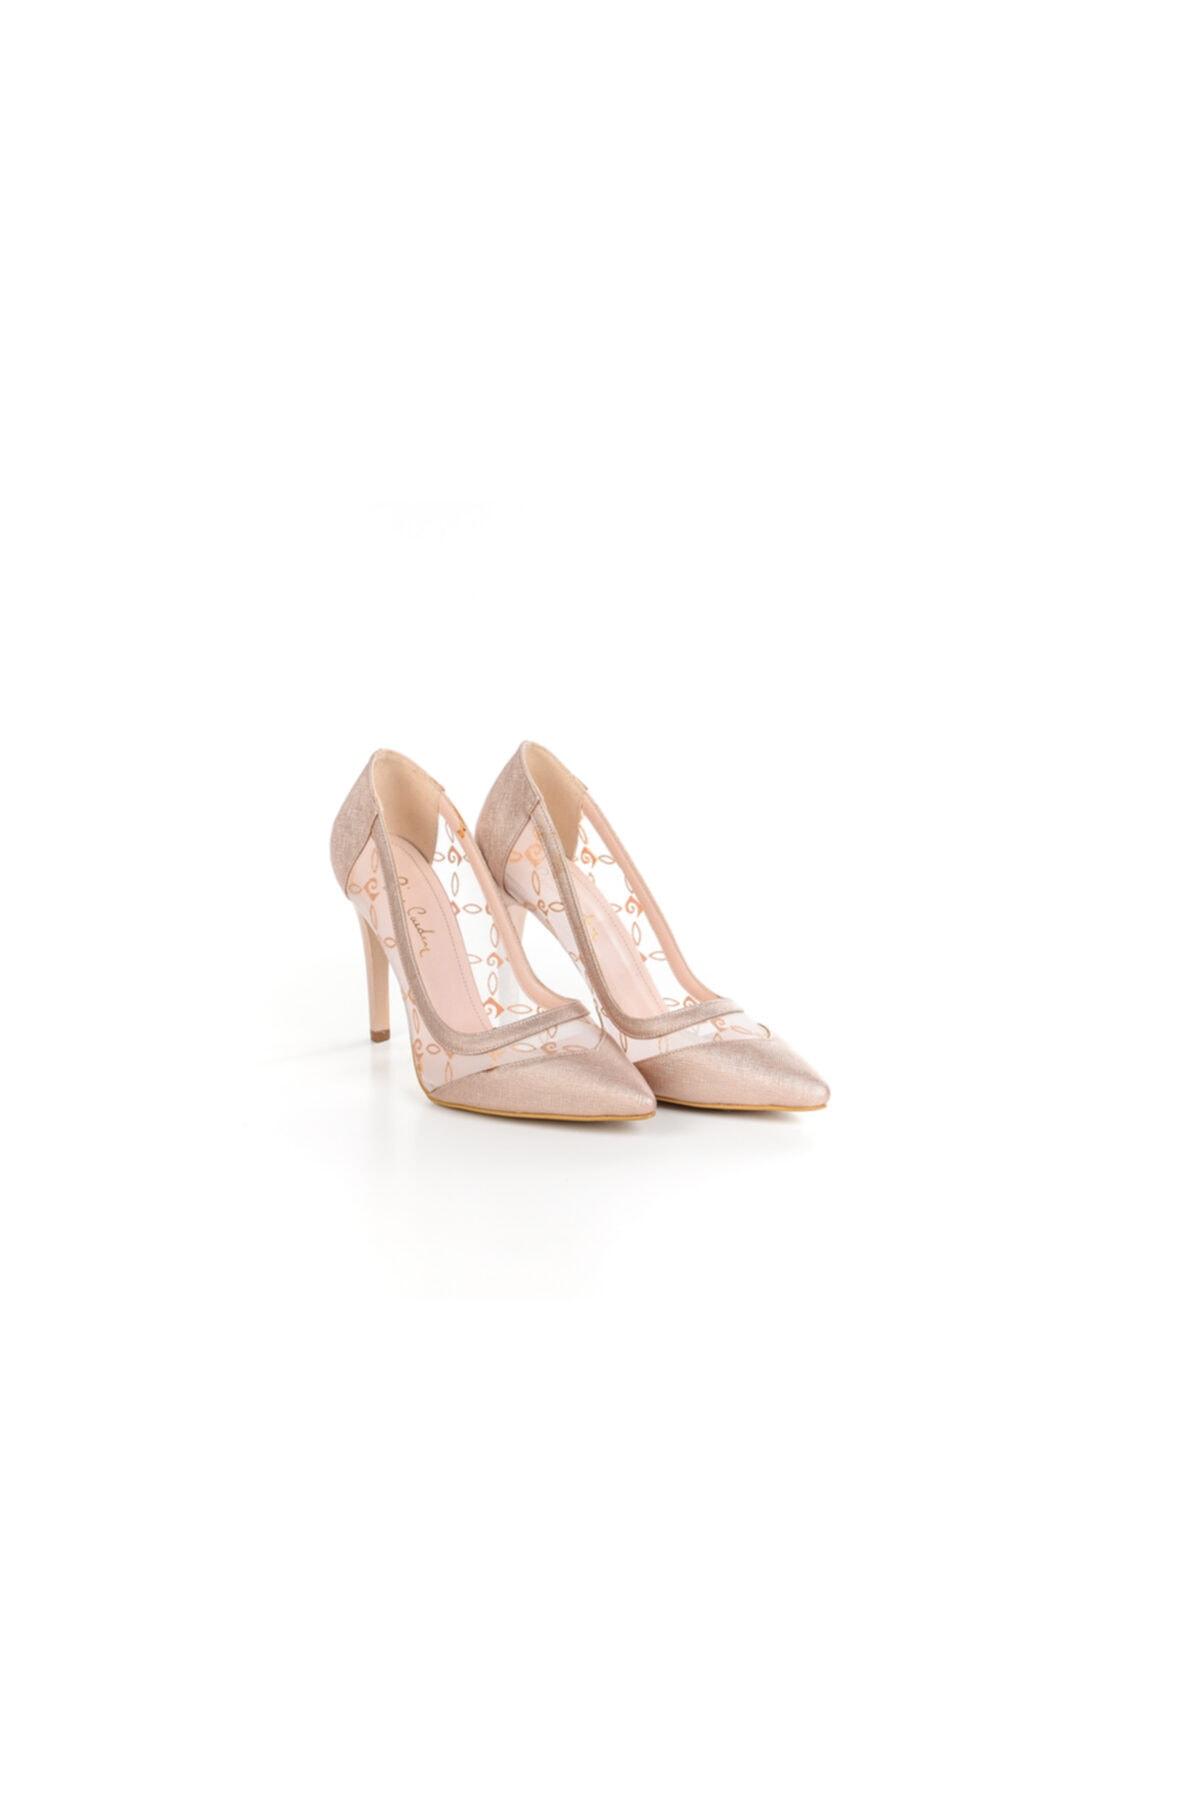 Pierre Cardin Kadın Transparan Stiletto Ayakkabı 1